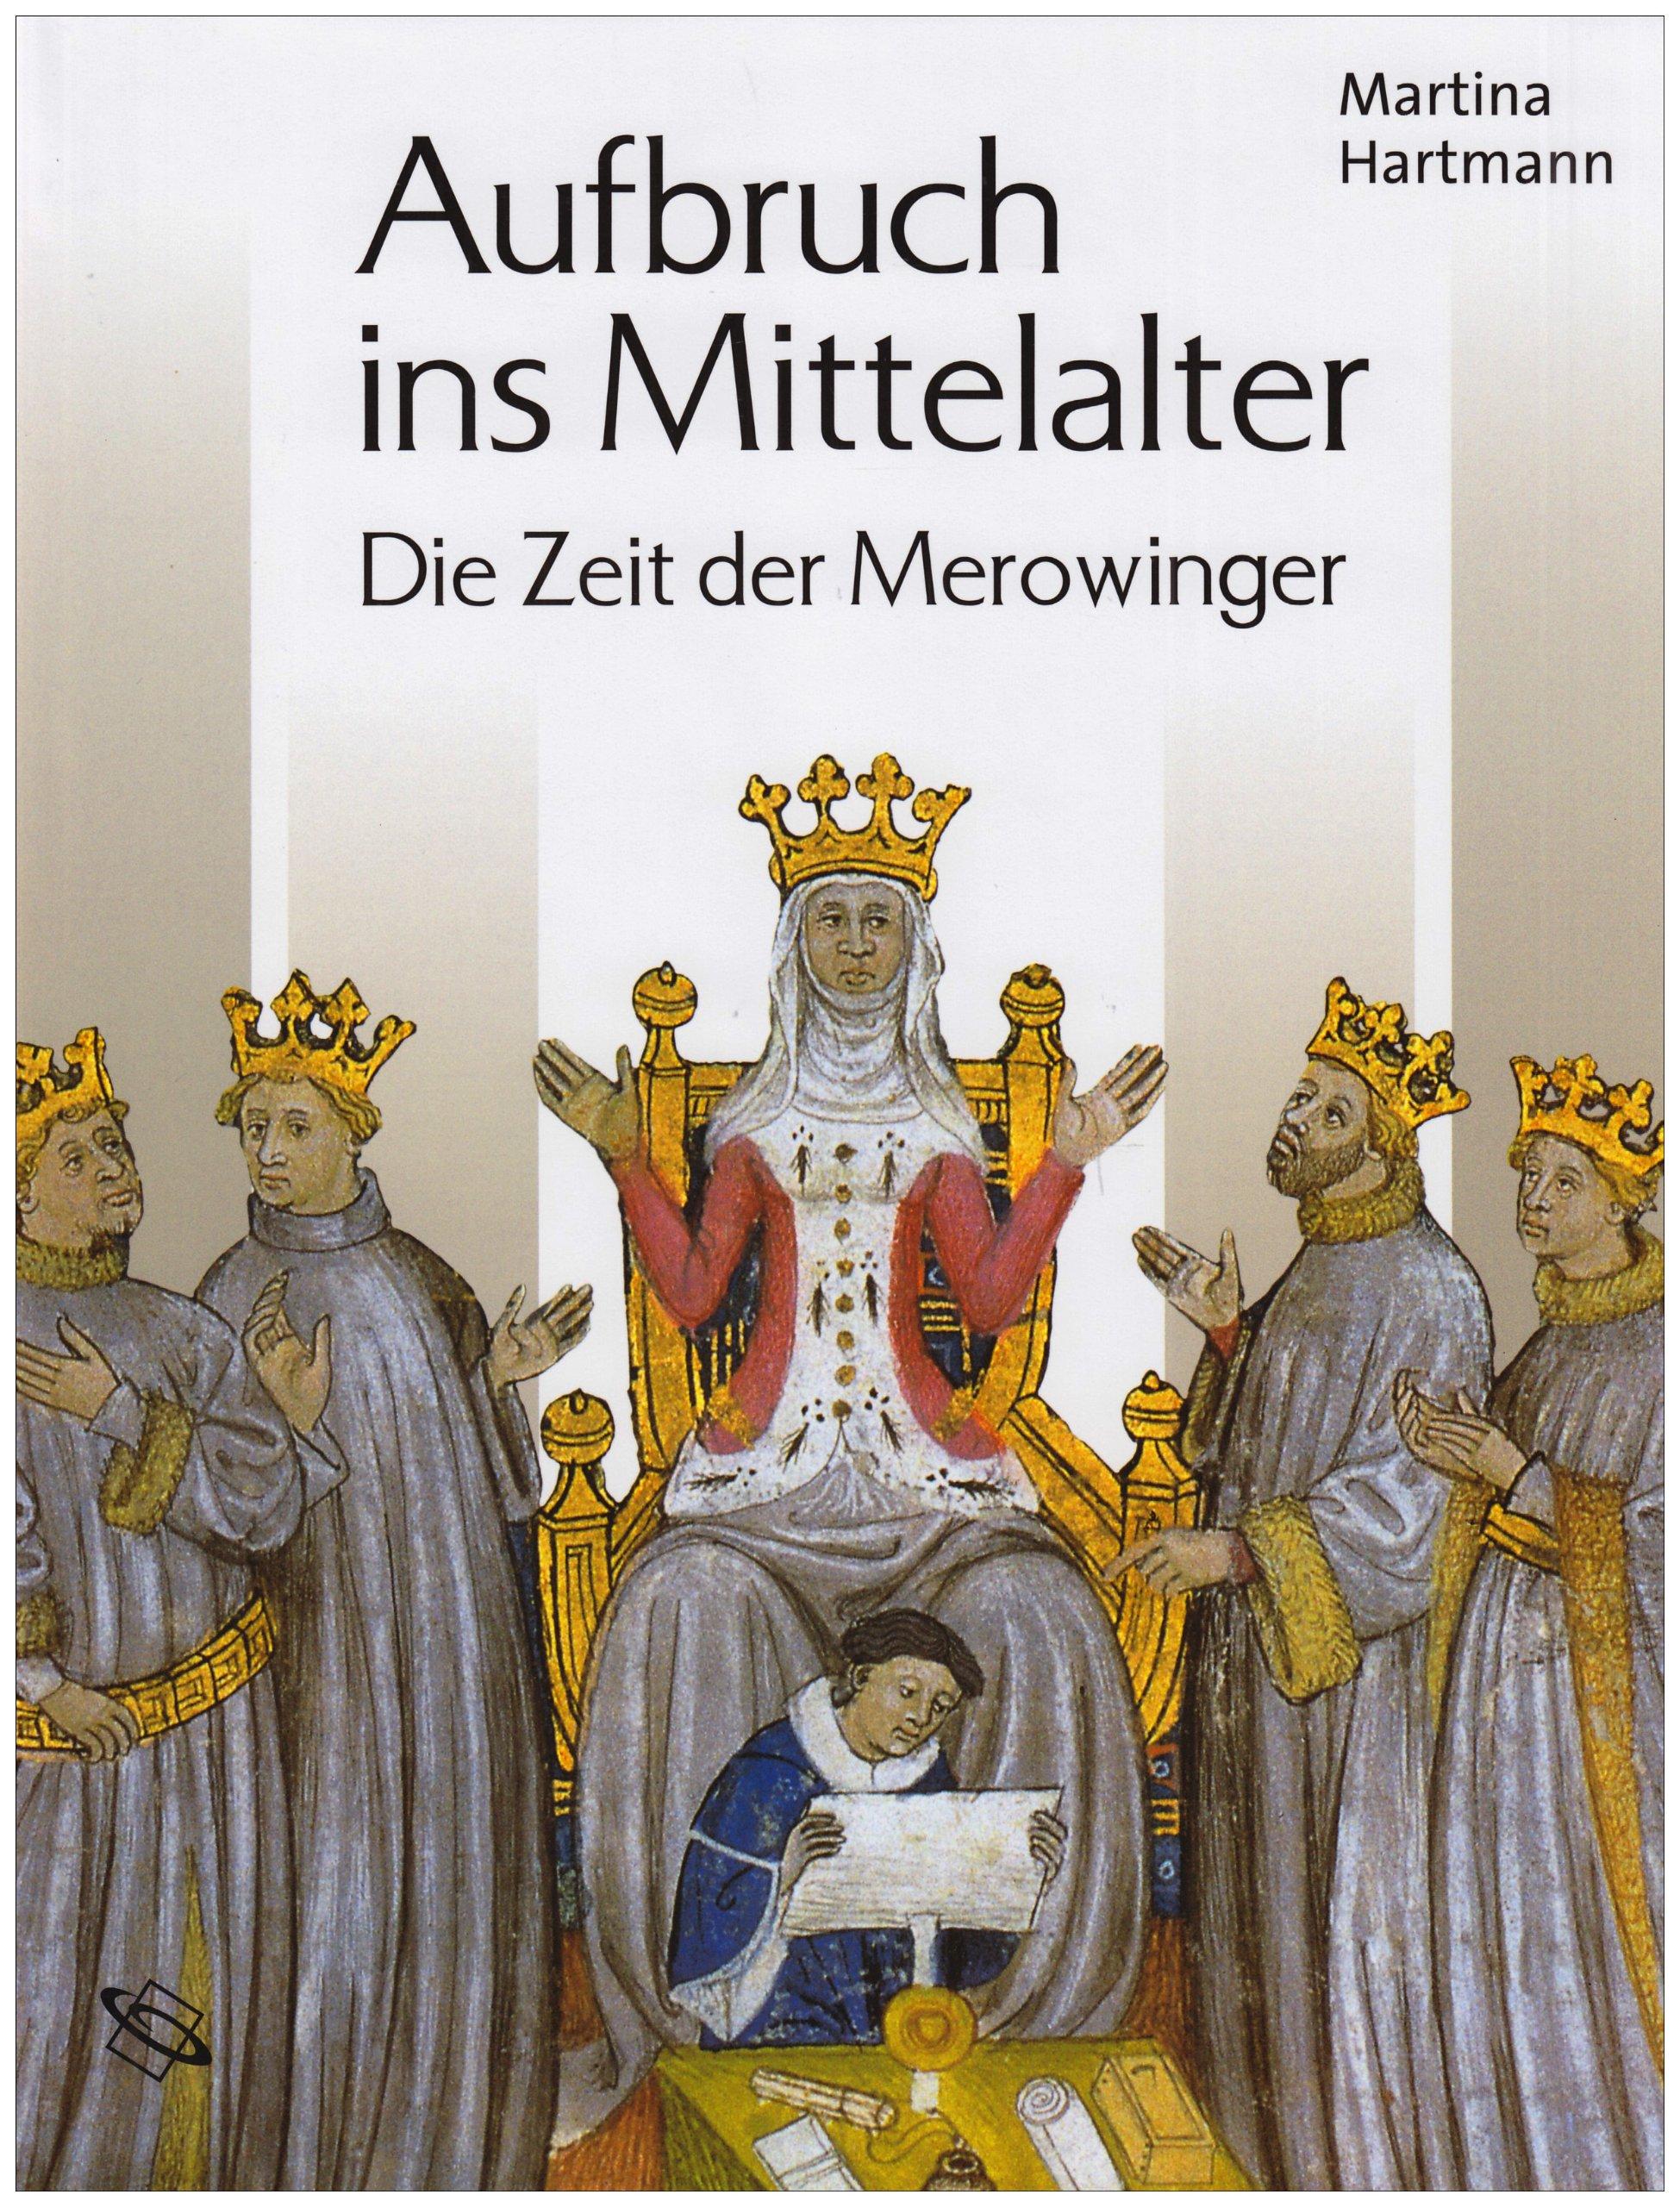 Aufbruch ins Mittelalter: Die Zeit der Merowinger